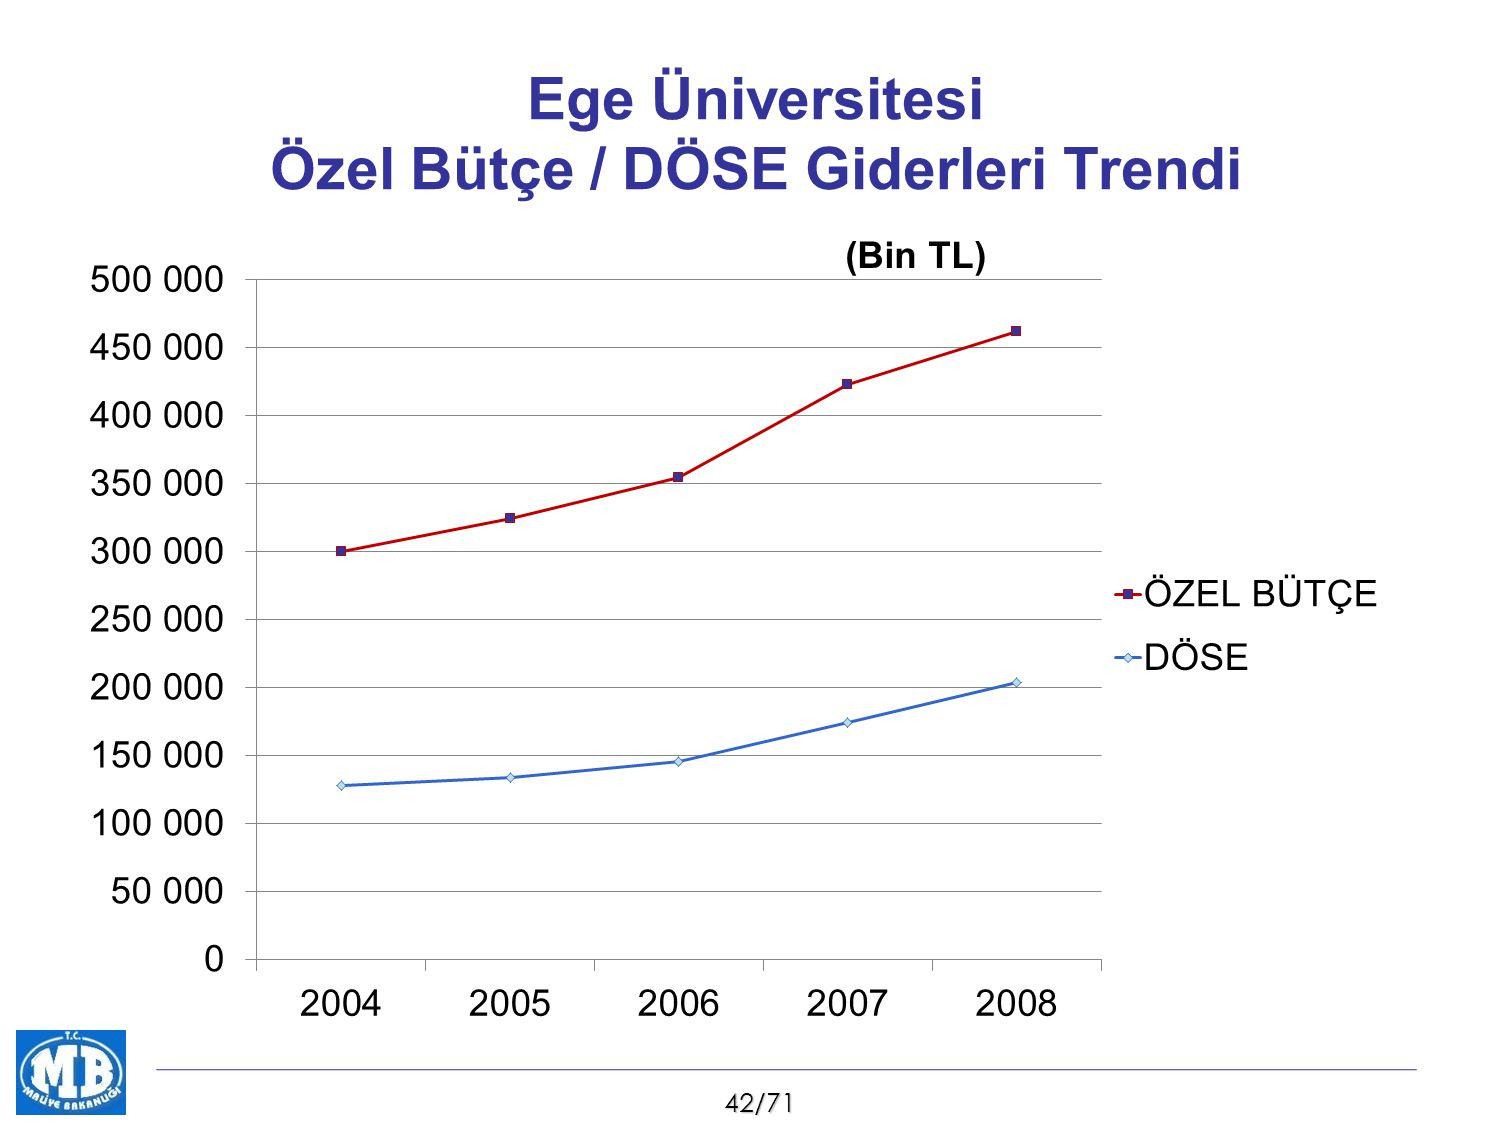 42/71 Ege Üniversitesi Özel Bütçe / DÖSE Giderleri Trendi (Bin TL)